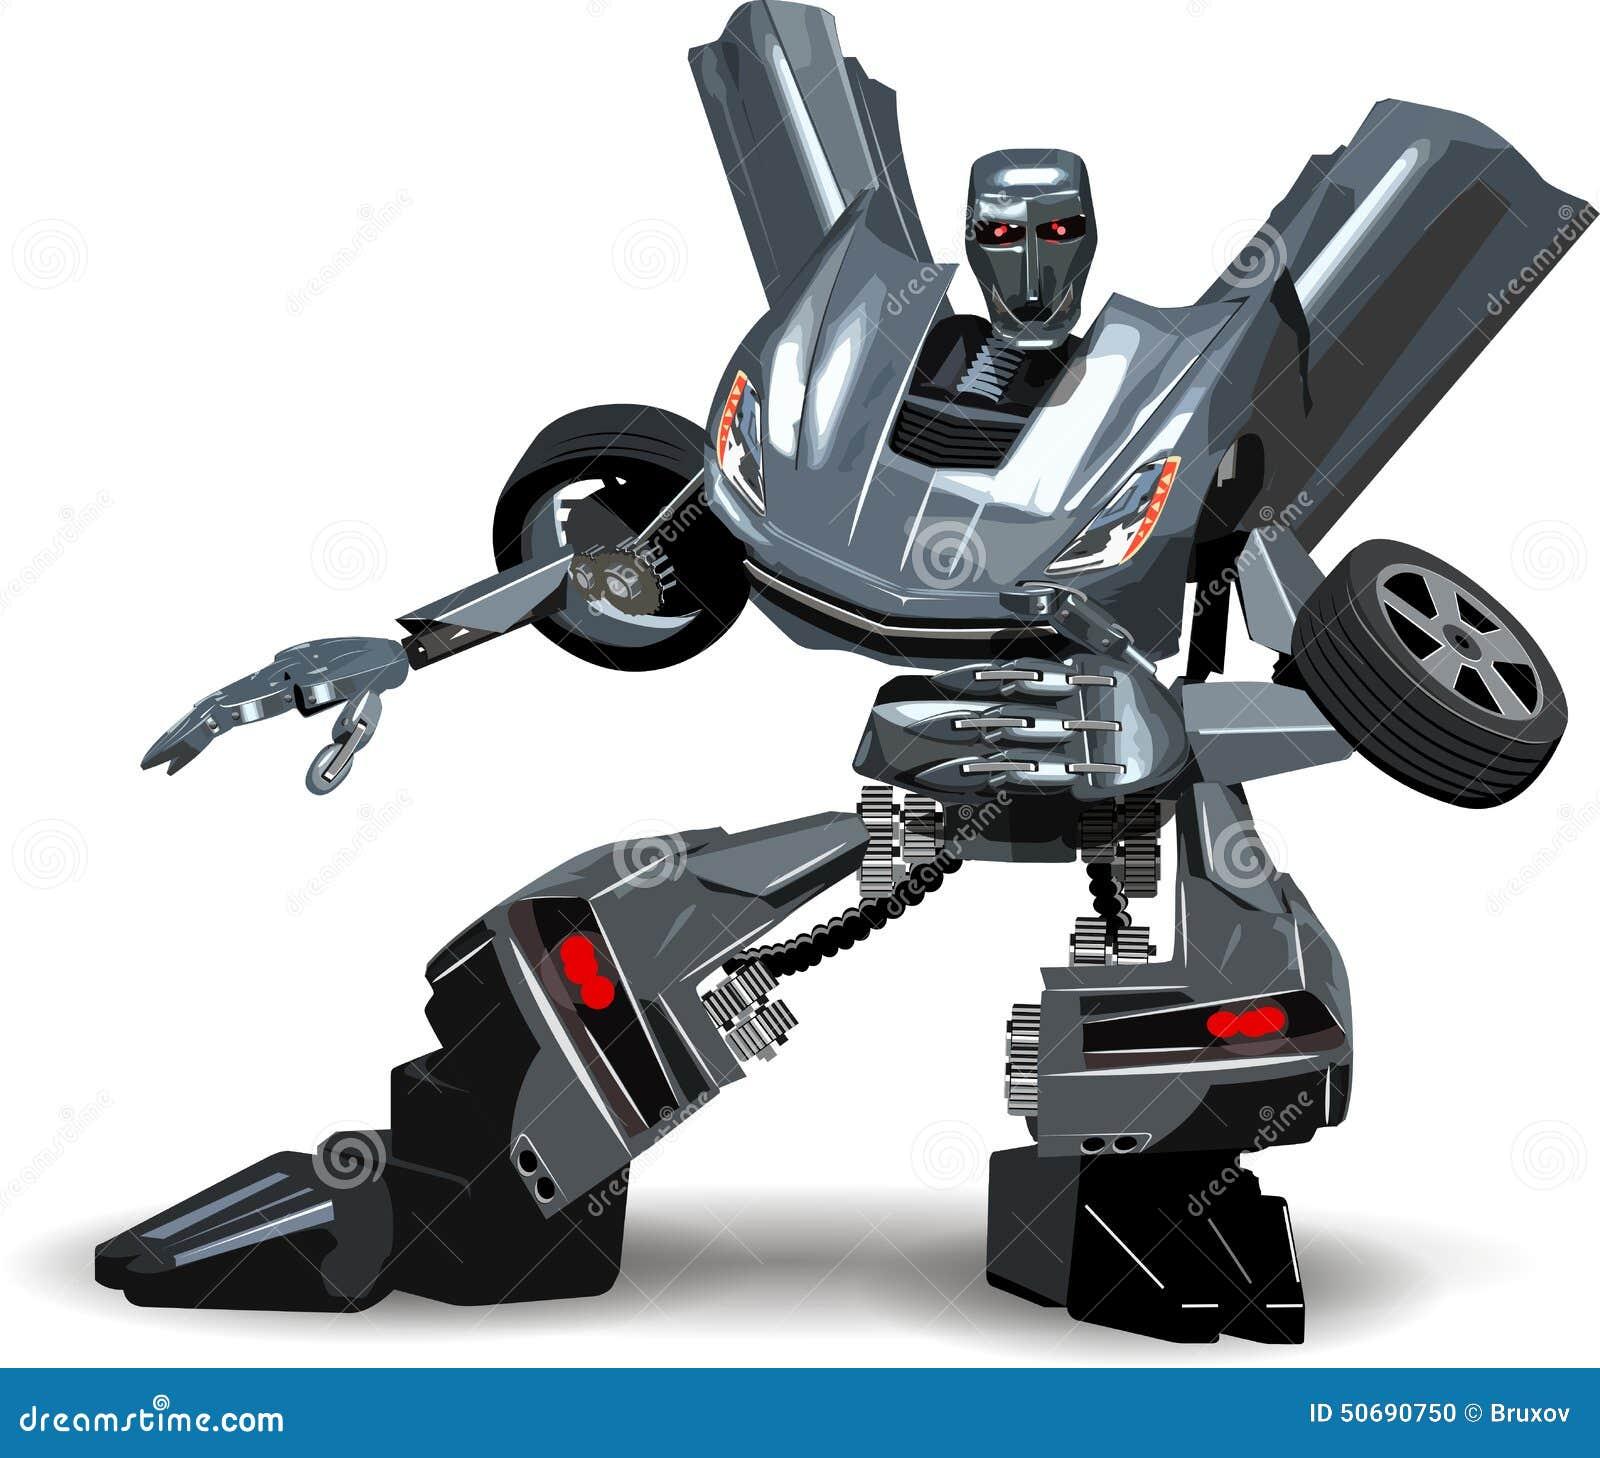 Robot vehicle